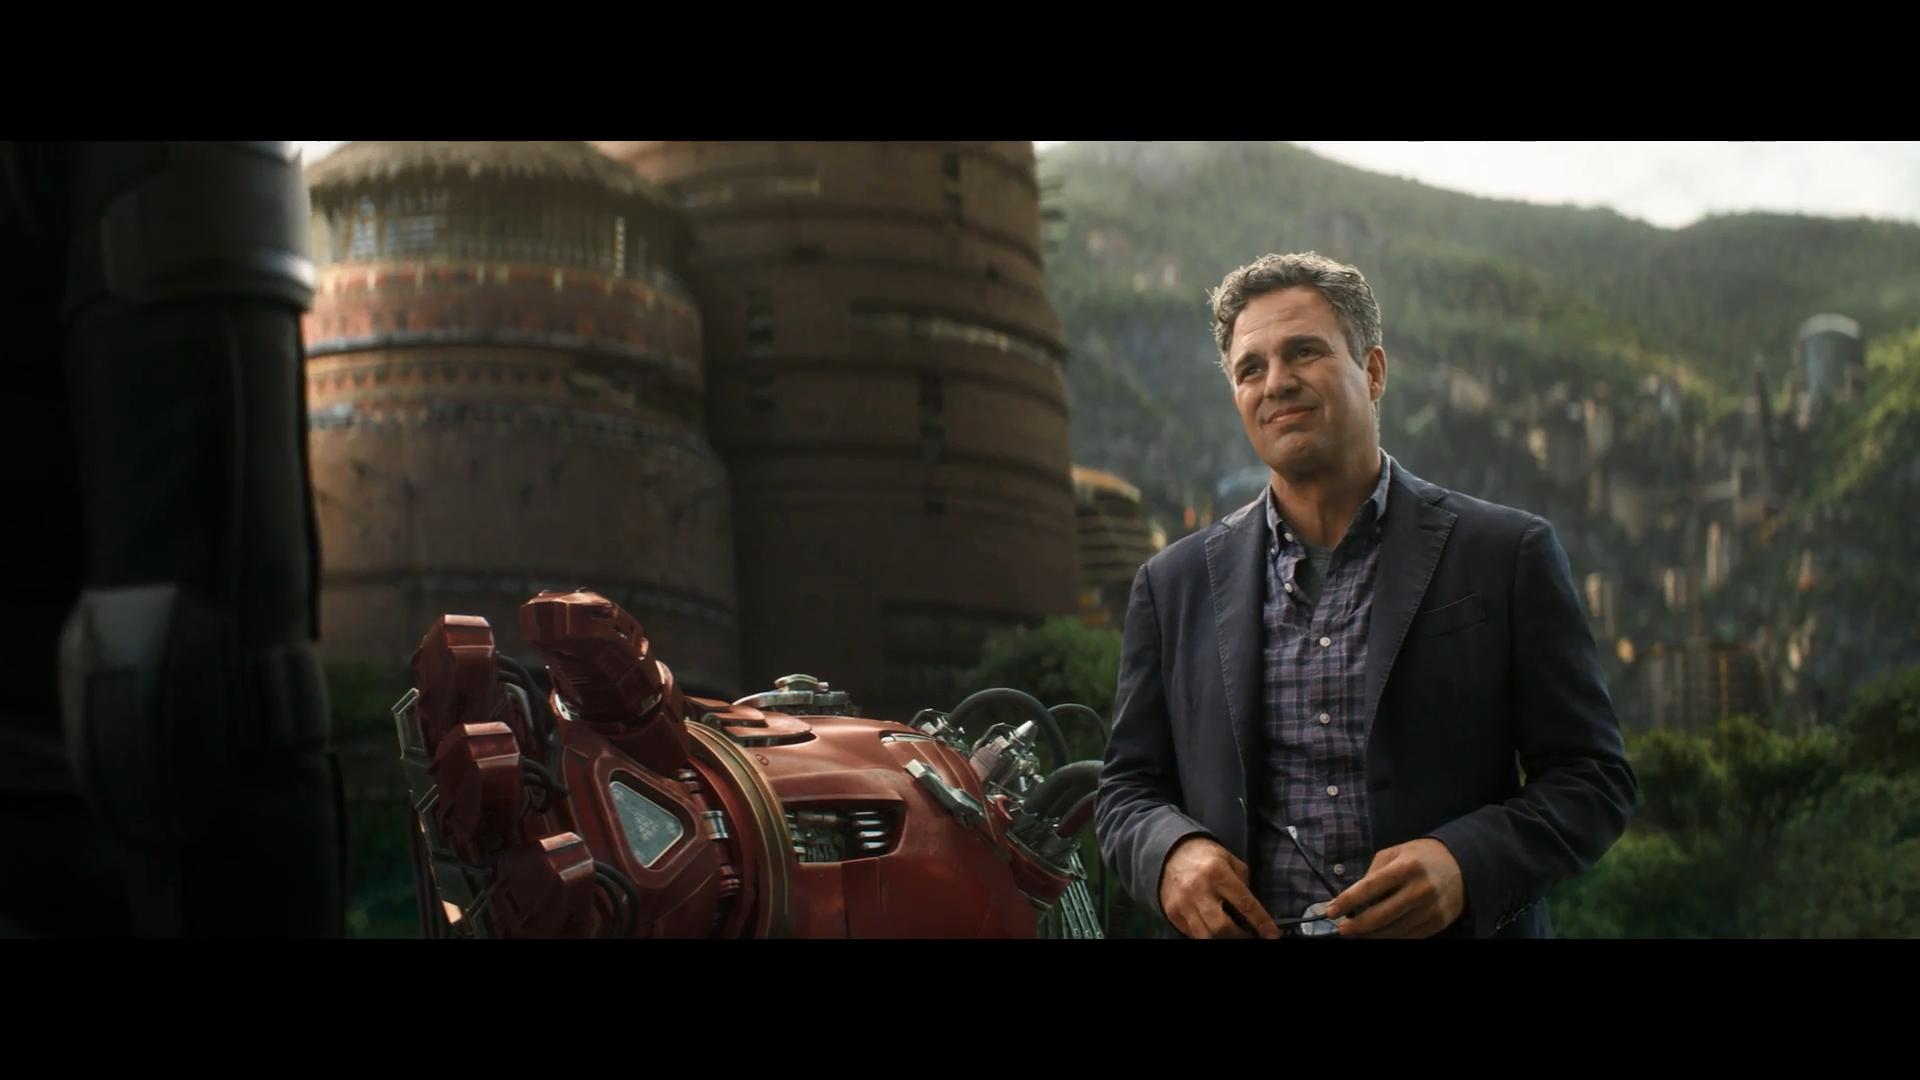 Изображение для Мстители: Война бесконечности / Avengers: Infinity War (2018) HD 1080p | Трейлер (кликните для просмотра полного изображения)